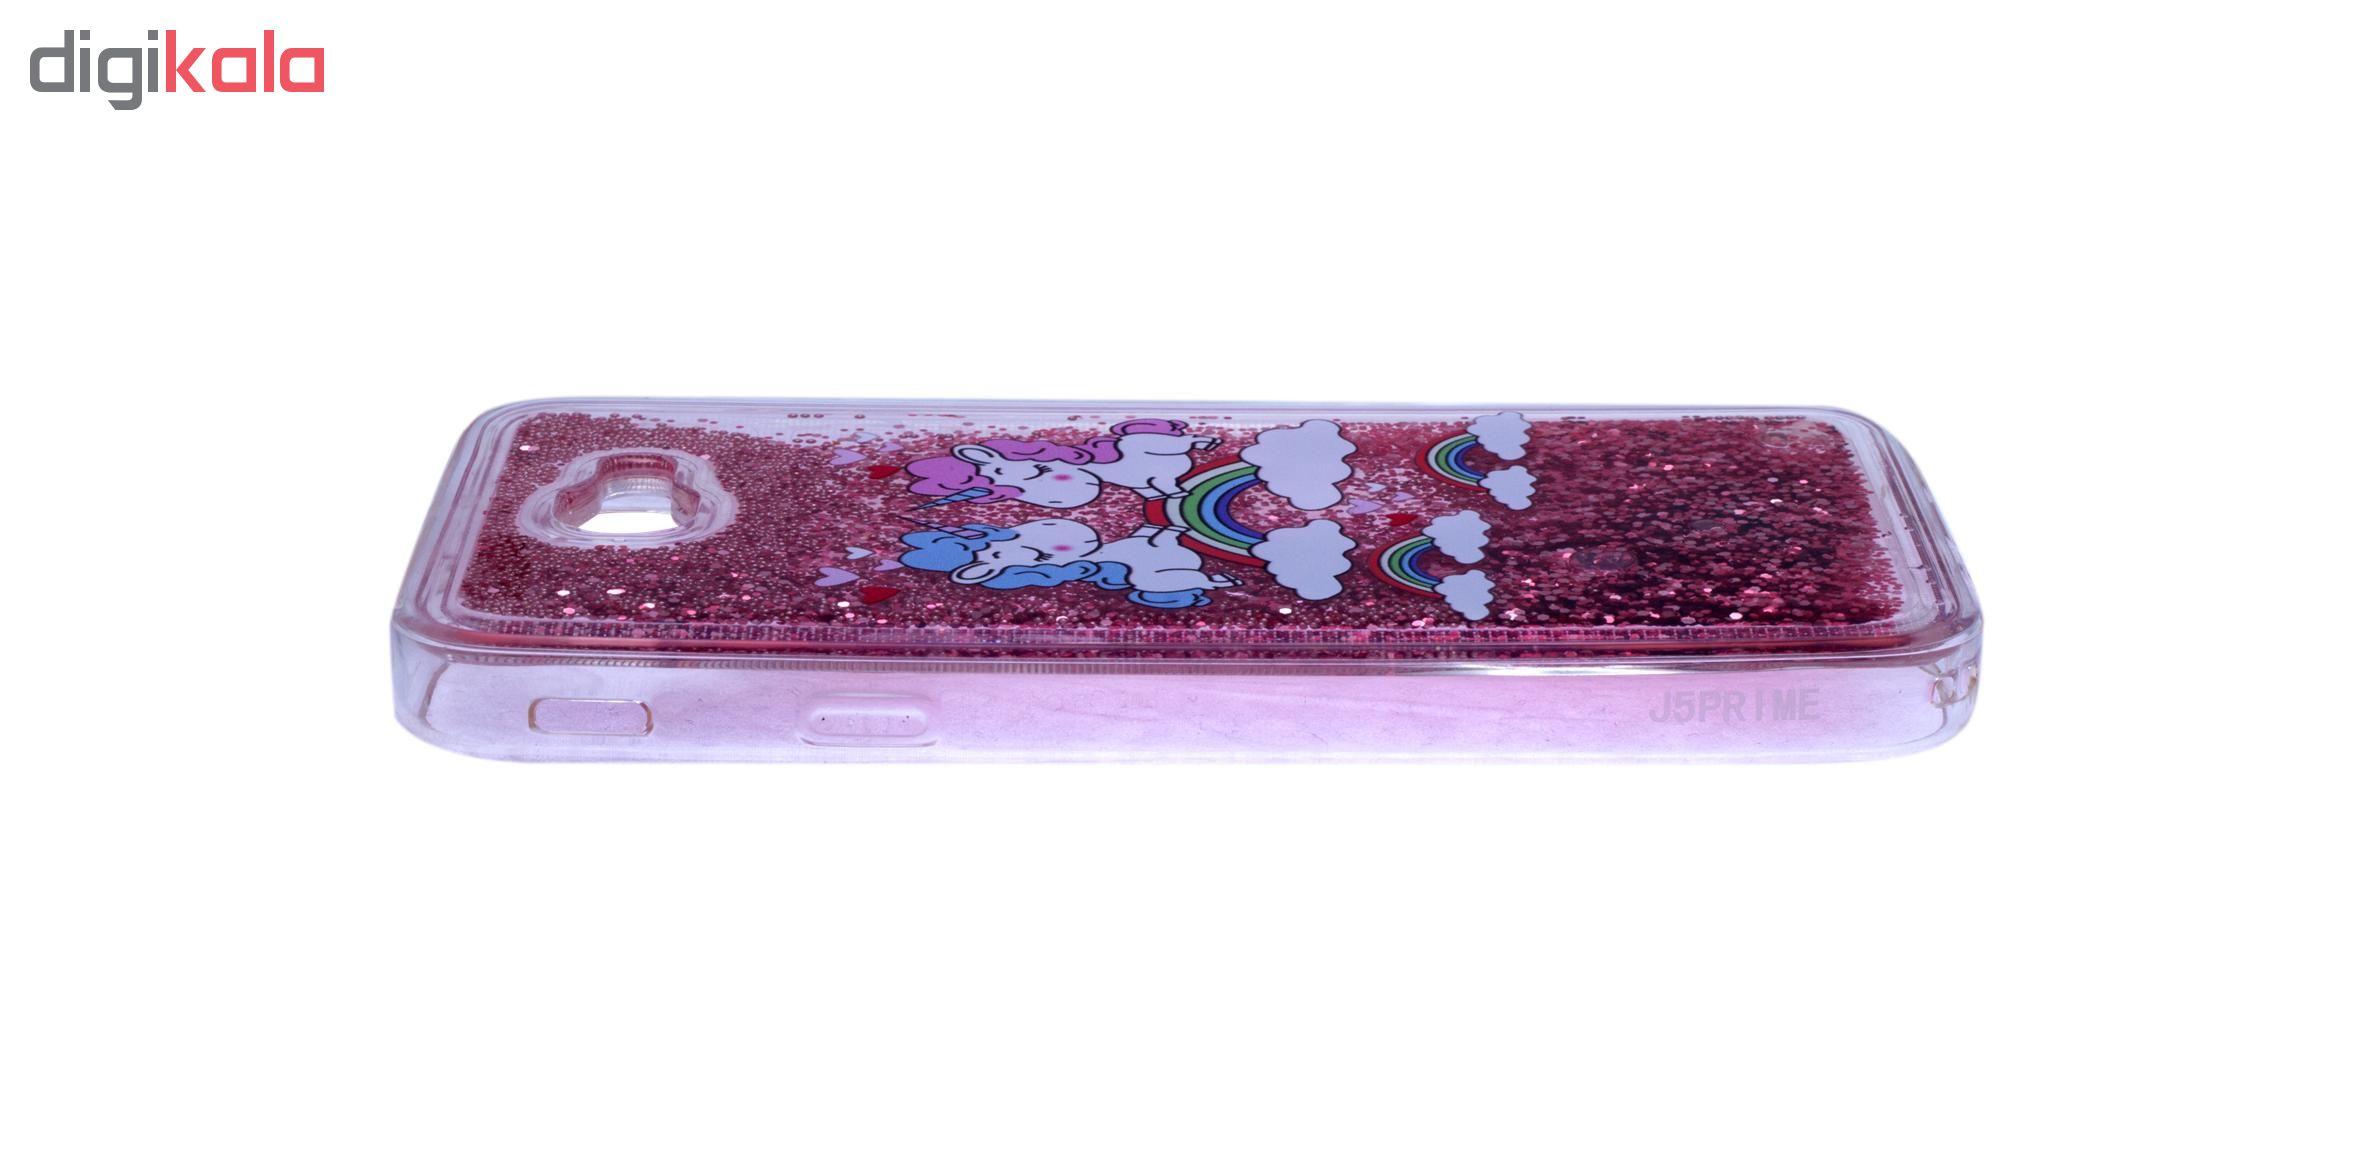 کاور مدل آکواریومی طرح هارت فلر مناسب برای گوشی موبایل سامسونگ Galaxy J7 Prime thumb 2 2